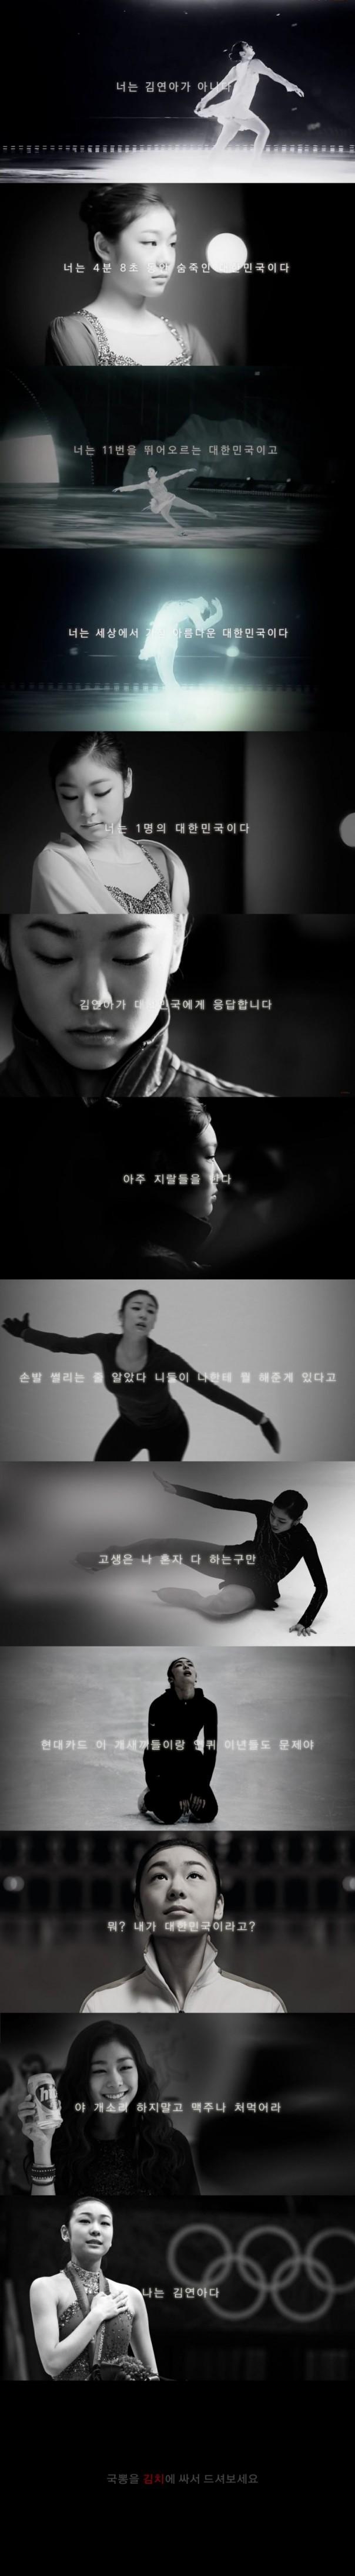 나는 김연아다